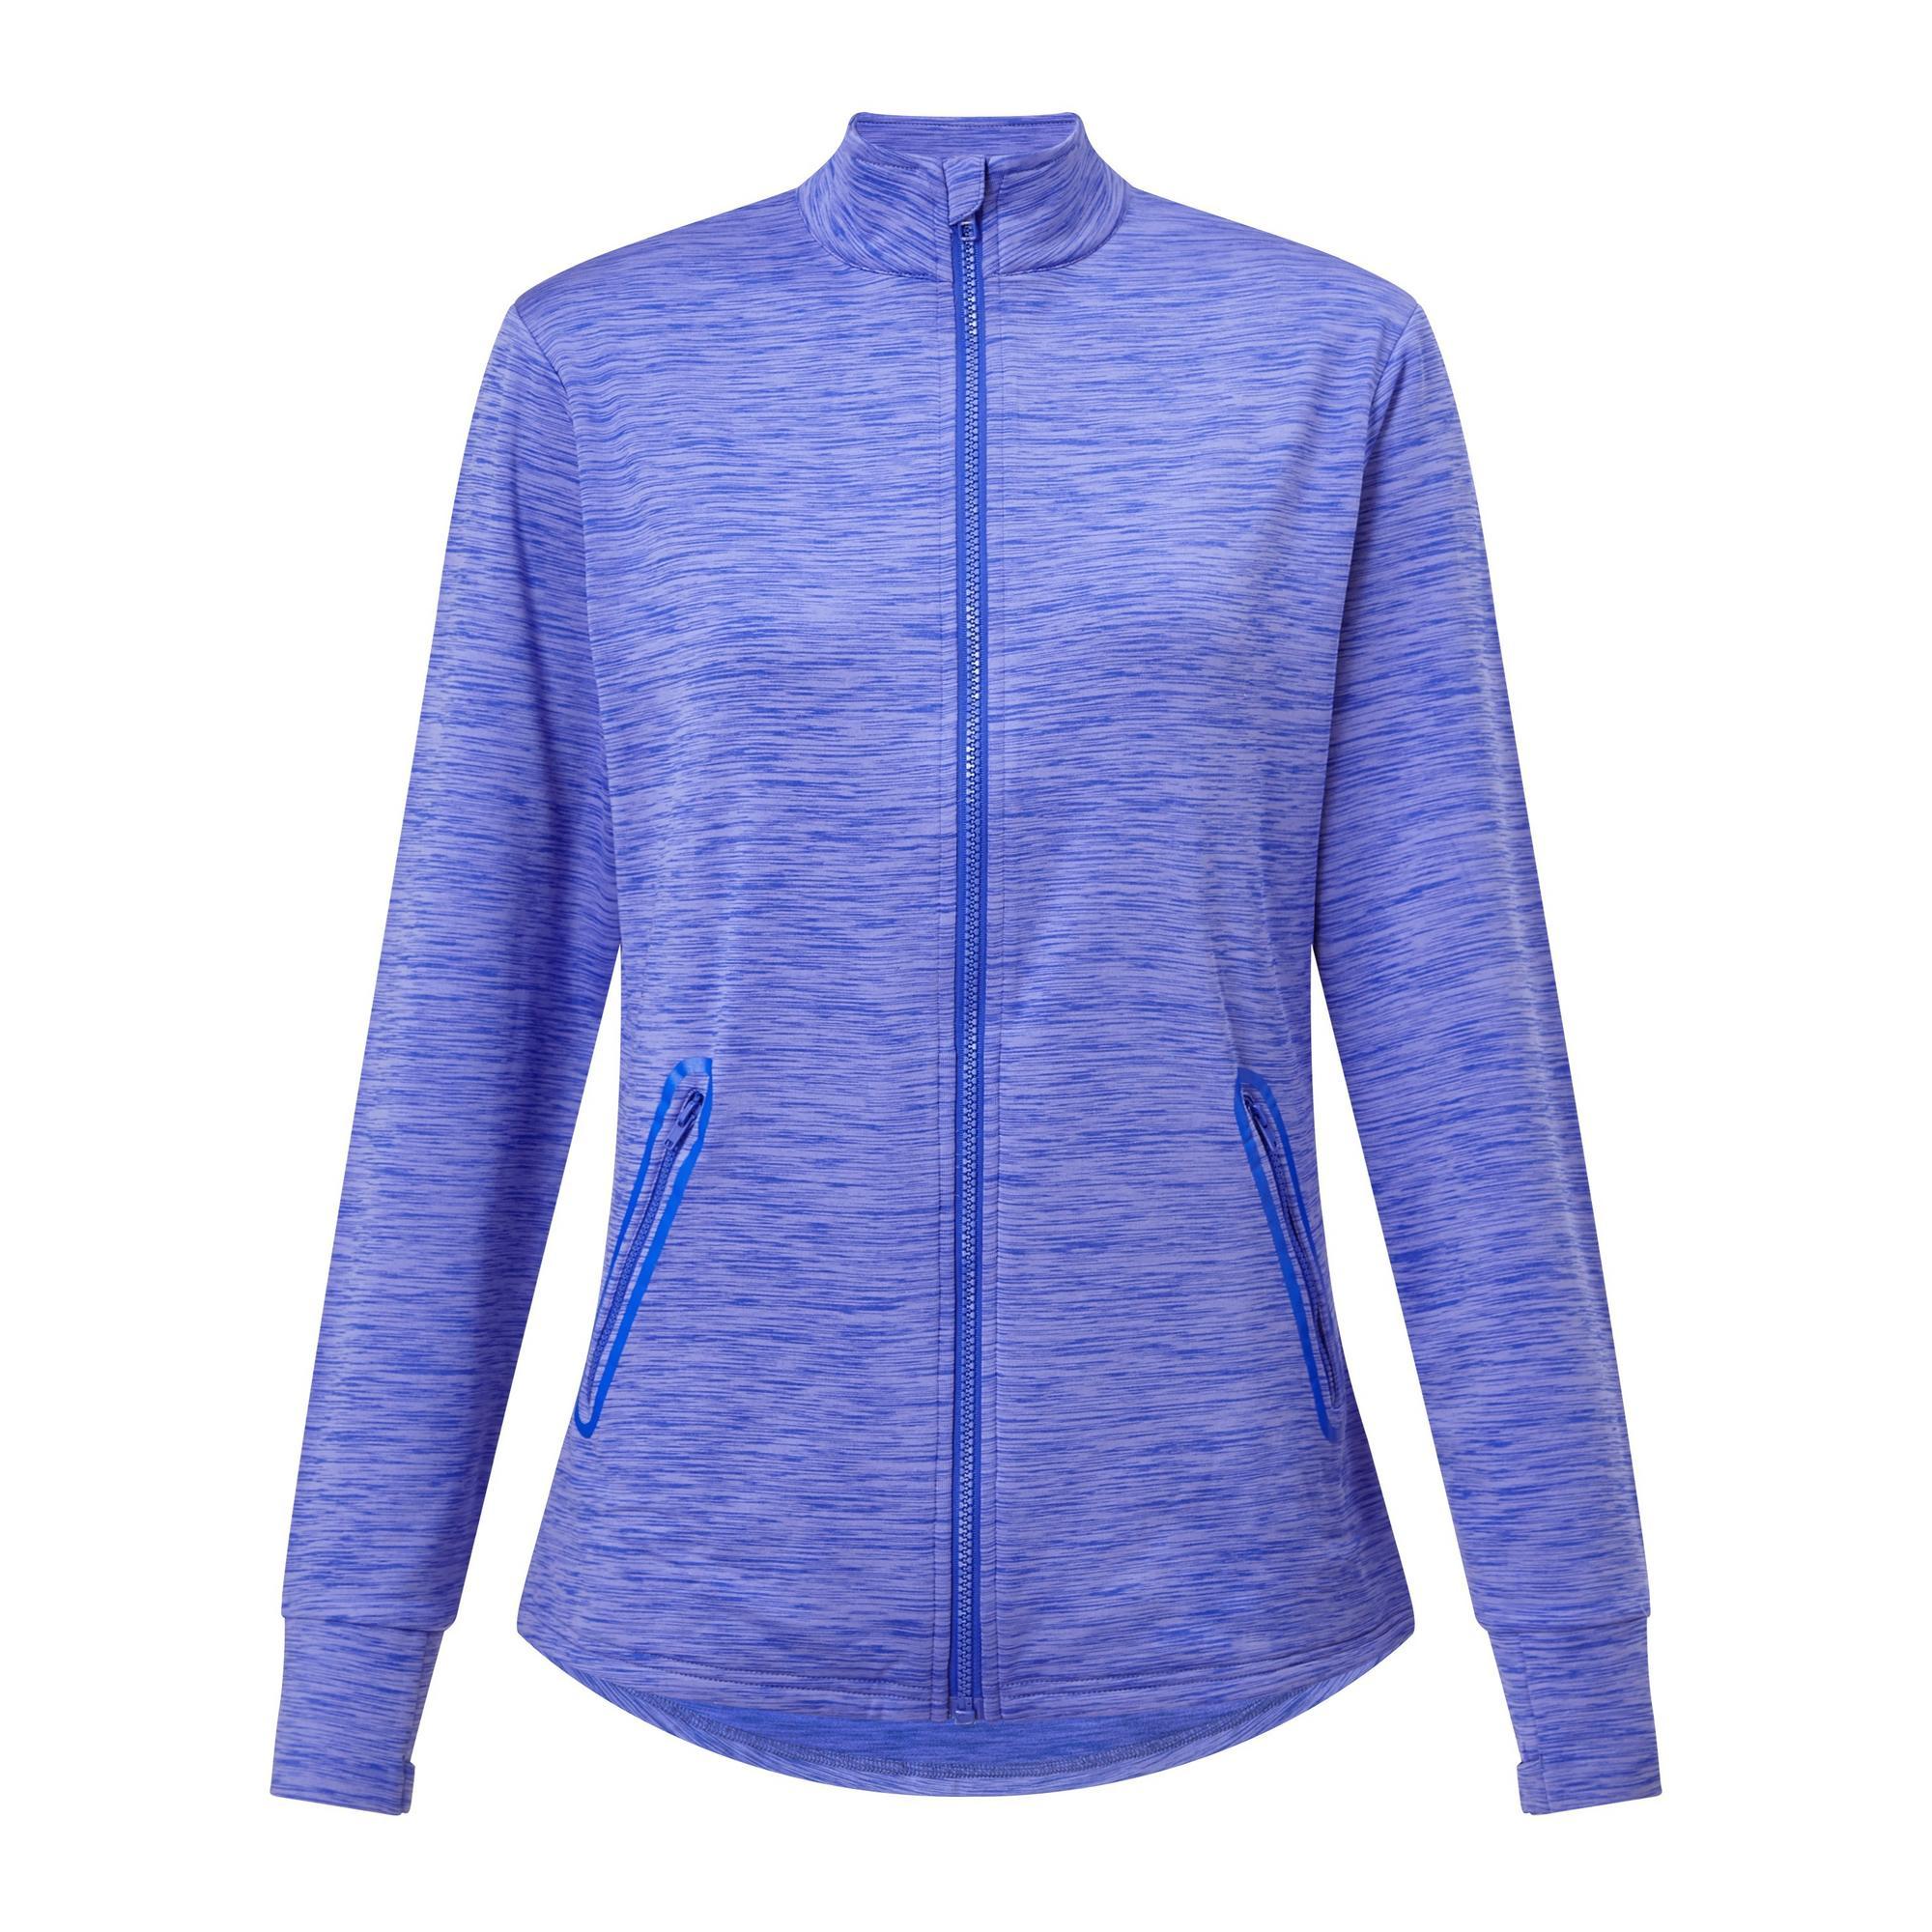 Women's Space Dye Fleece Full Zip Long Sleeve Jacket